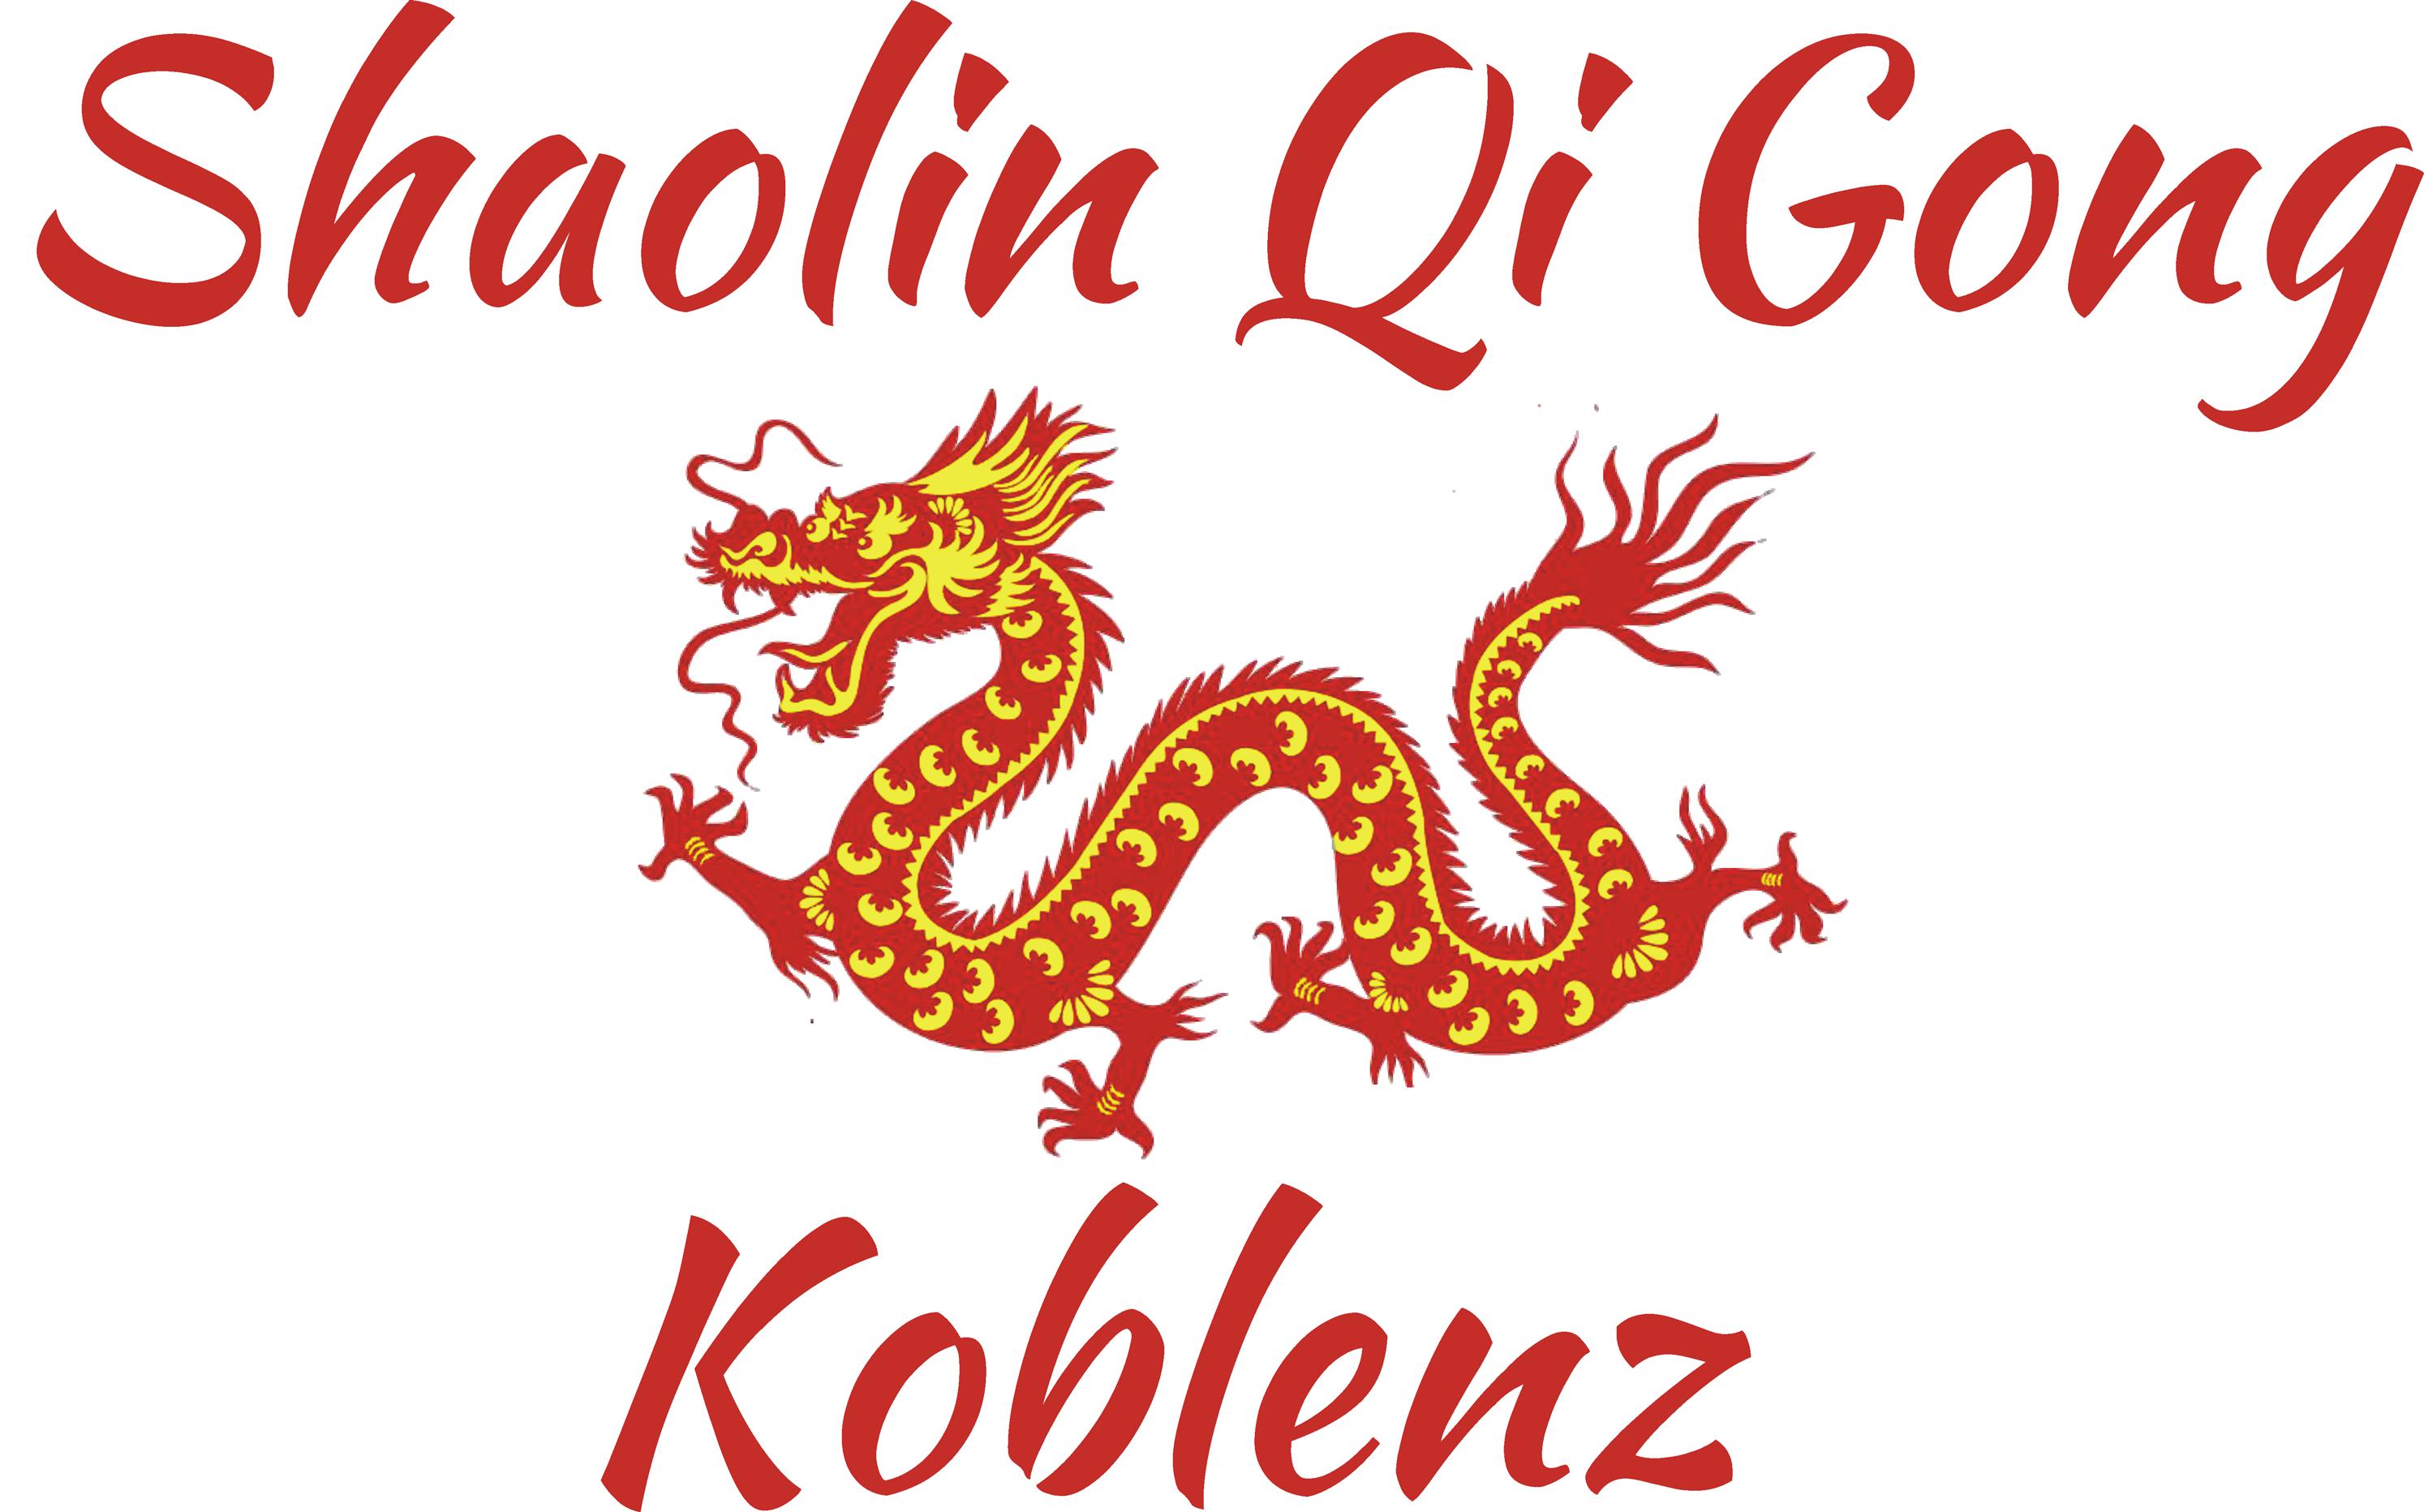 shaolin-koblenz.de